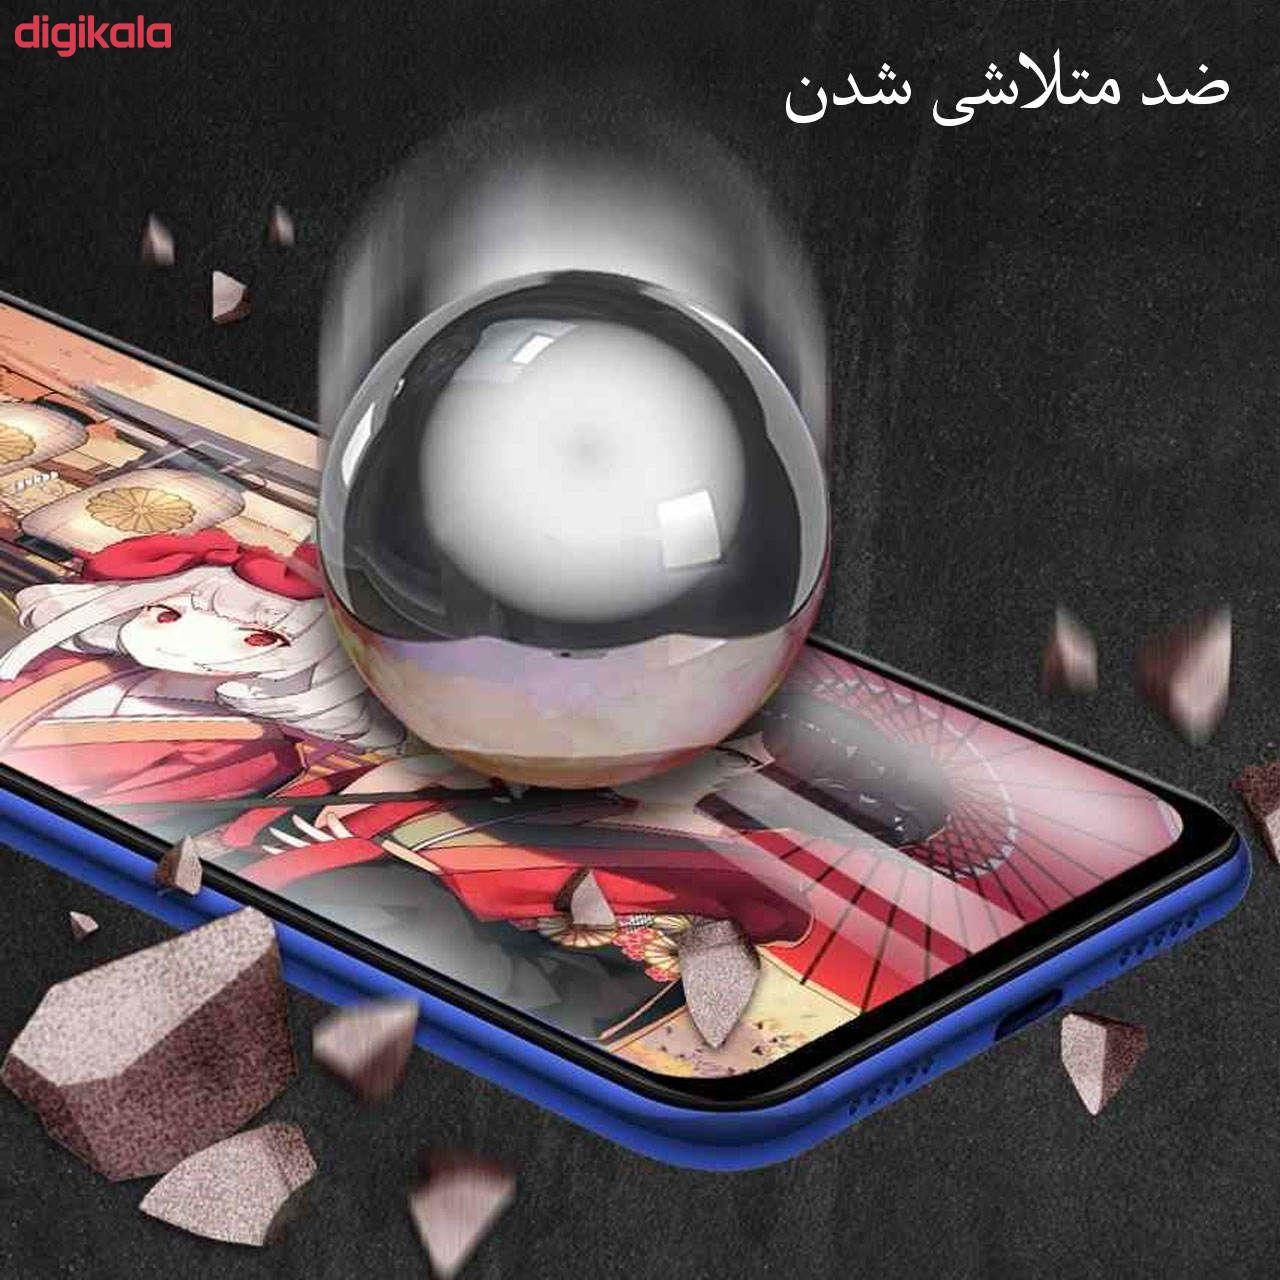 محافظ صفحه نمایش مدل FG-01 مناسب برای گوشی موبایل سامسونگ Galaxy J7 2015 main 1 7